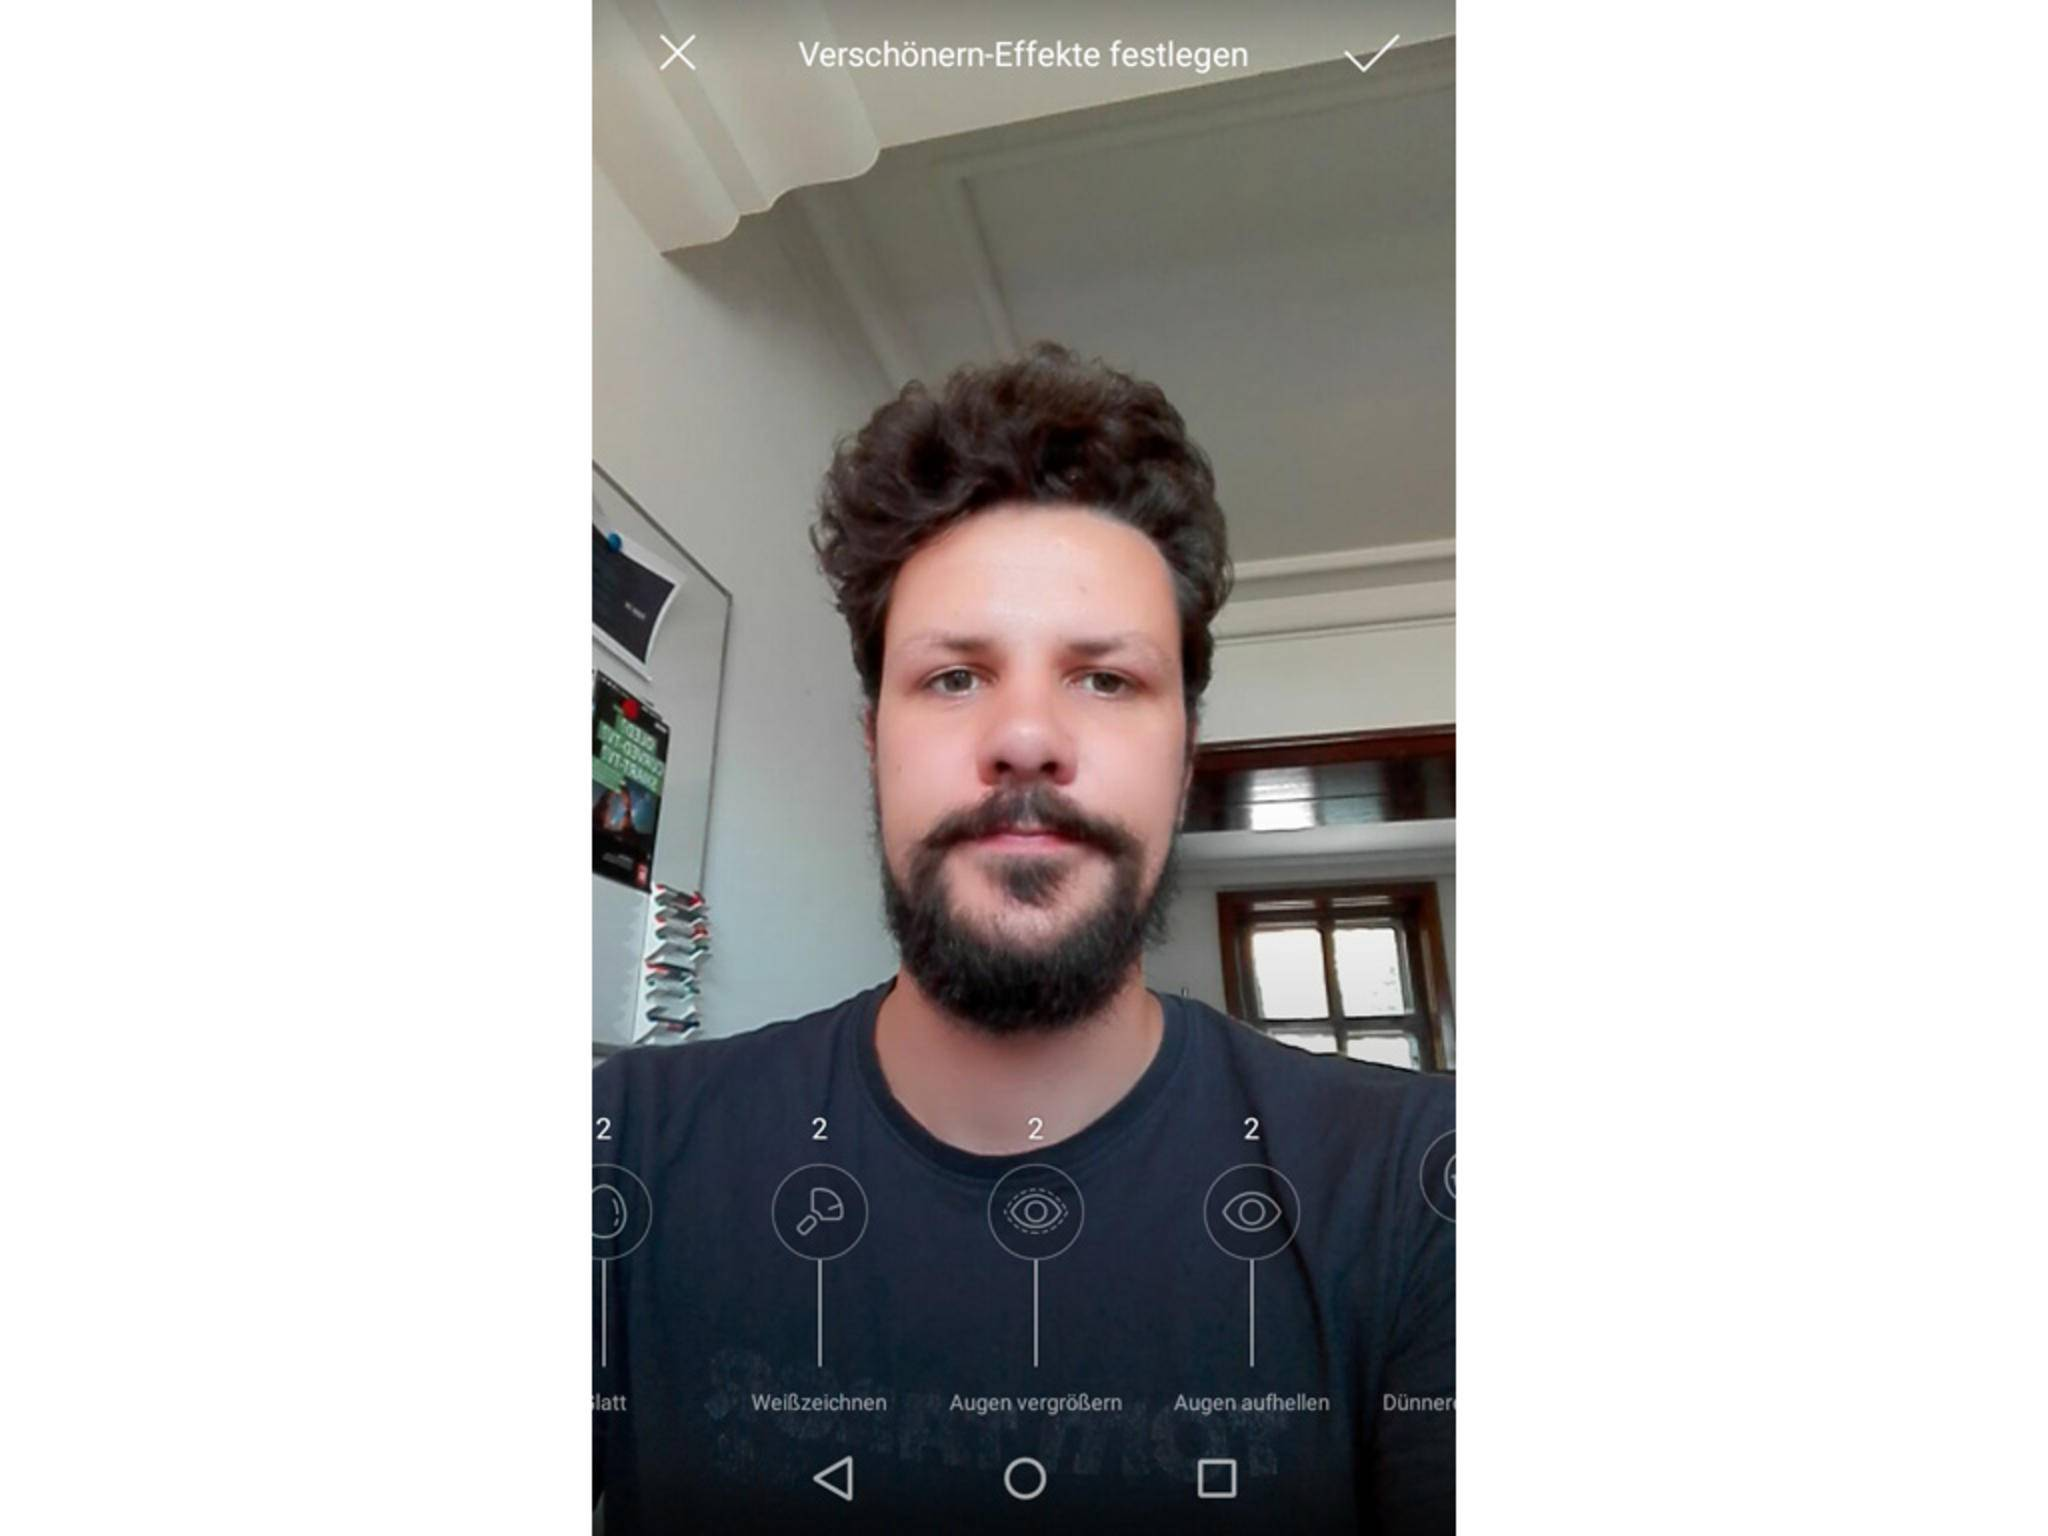 In der Kamera-App kann man festlegen, wie stark sich Verschönerungseffekte auswirken.